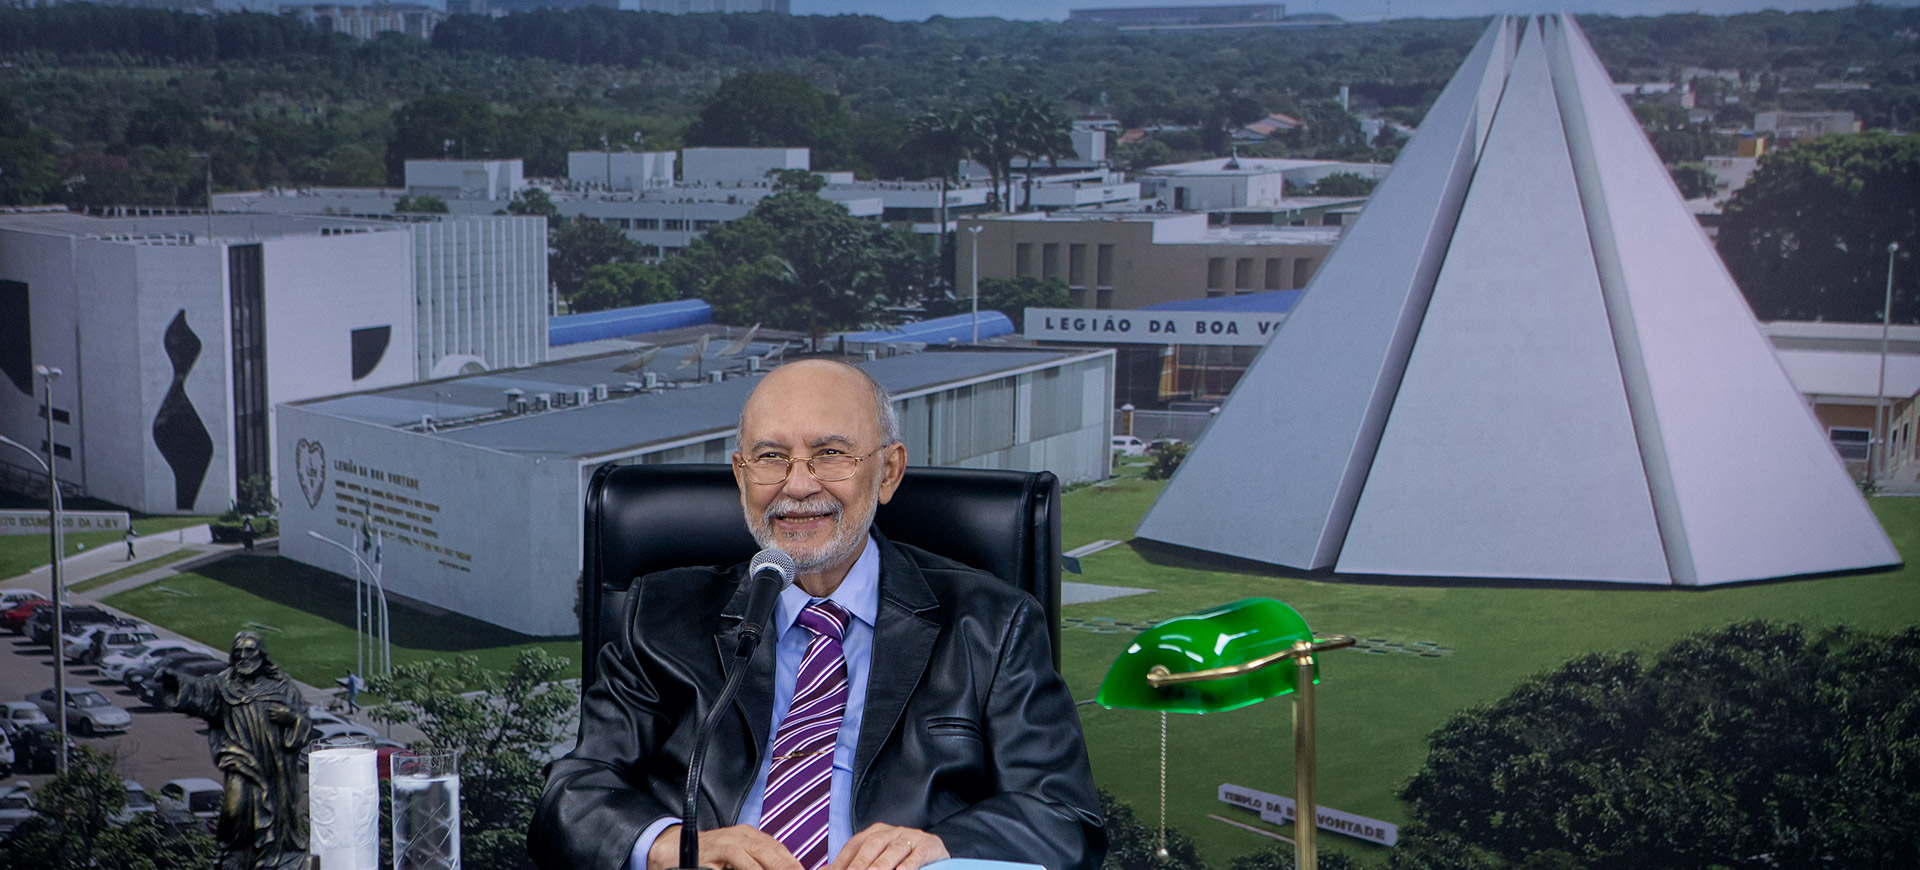 """Sesión solemne, con la palabra del fundador del TBV, José de Paiva Netto que lanzó el libro """"Los muertos no mueren""""."""